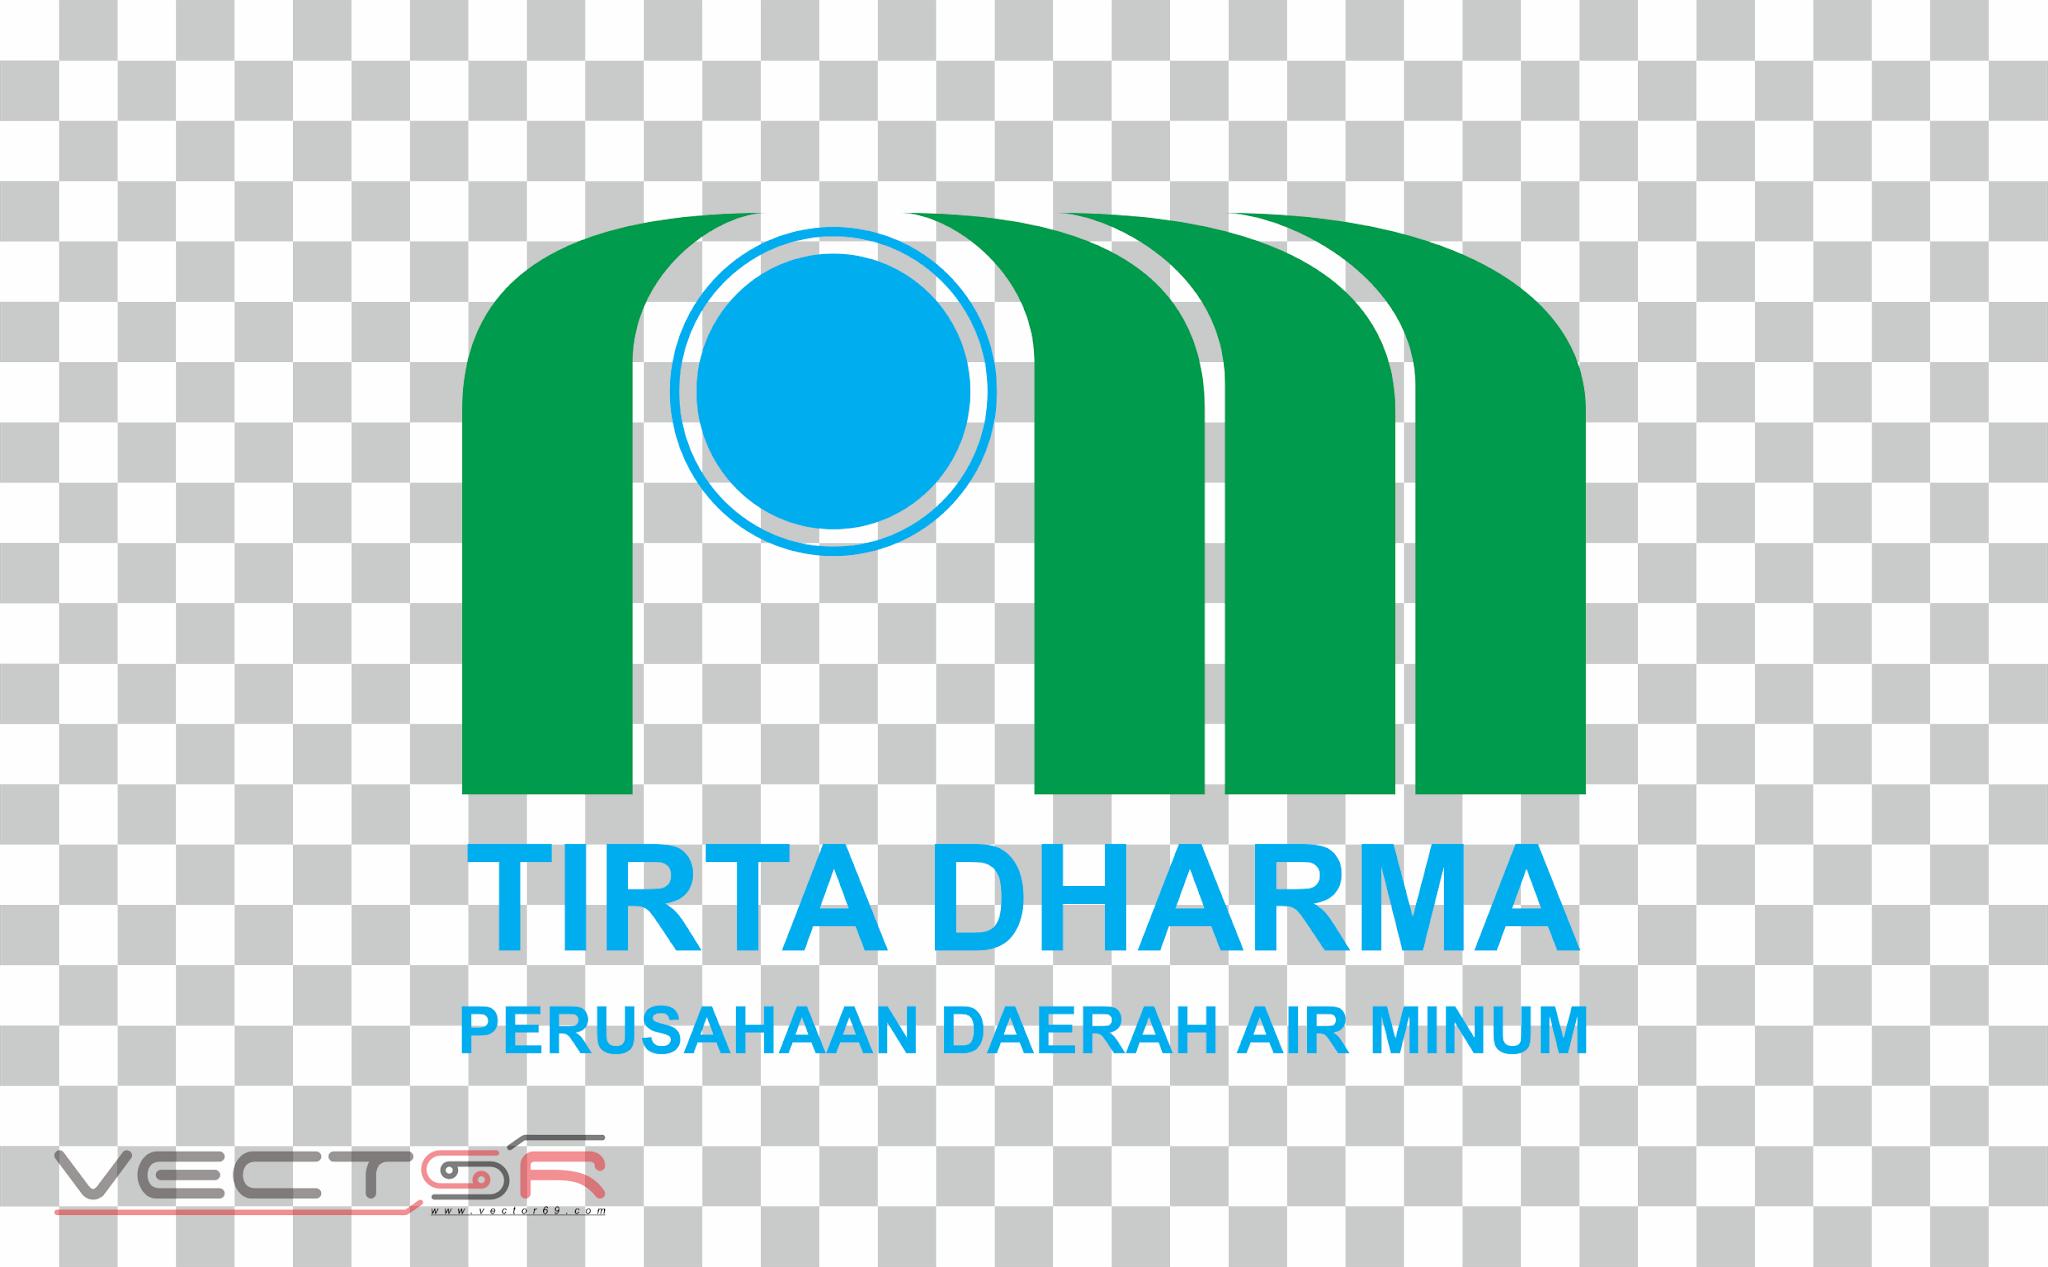 PDAM (Perusahaan Daerah Air Minum) Logo - Download Vector File PNG (Portable Network Graphics)